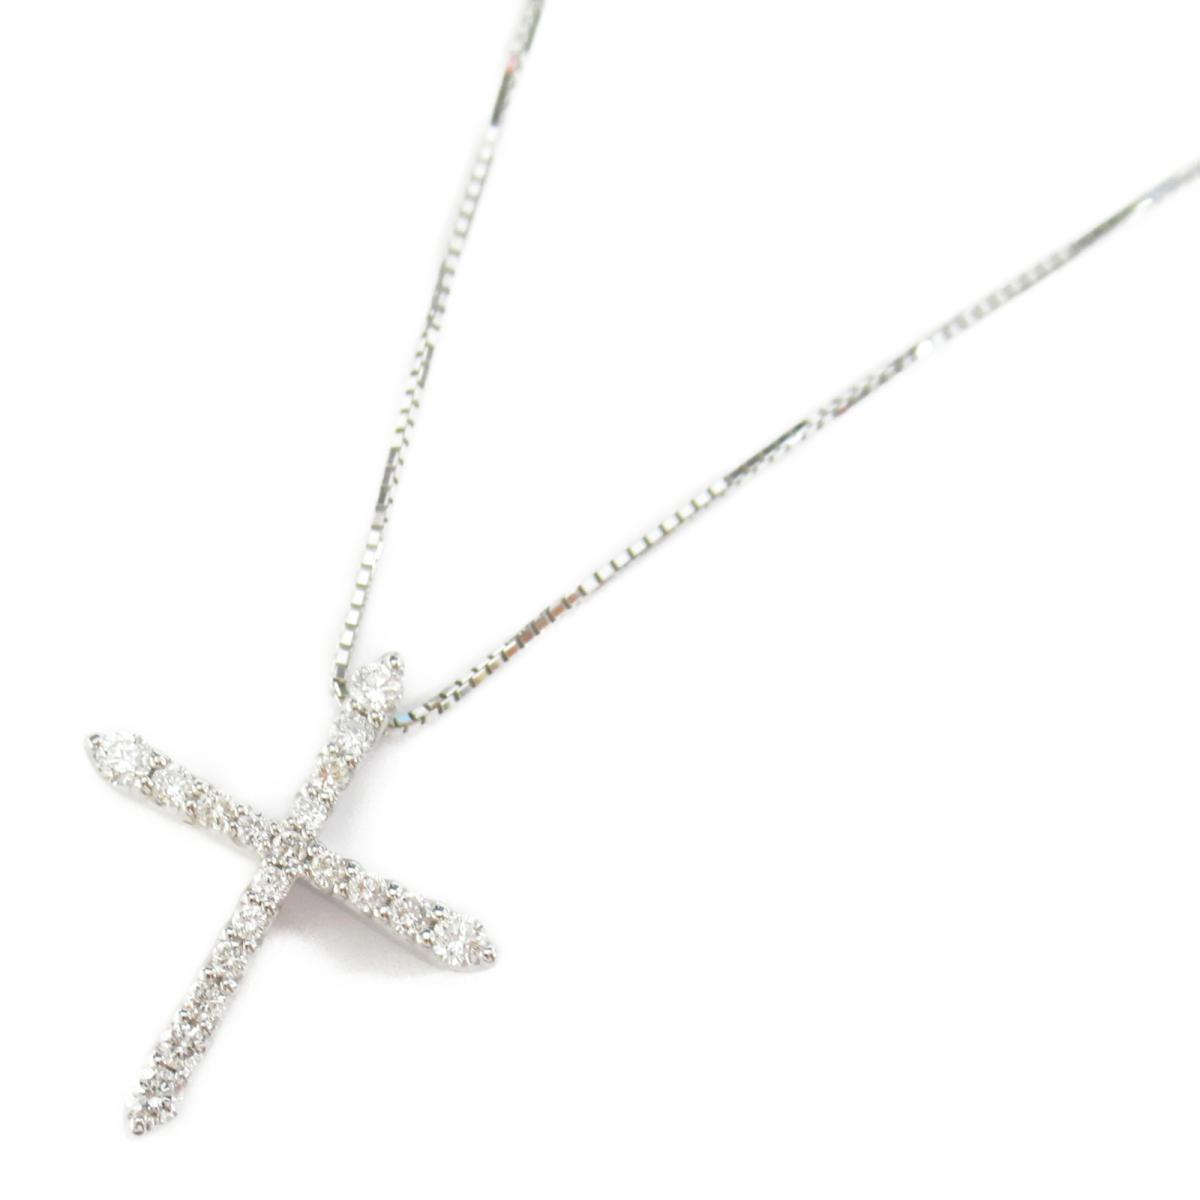 【中古】ジュエリー ダイヤモンド ネックレス ノーブランドジュエリー レディース ダイヤモンド0.30ct x K18WG(ホワイトゴールド)